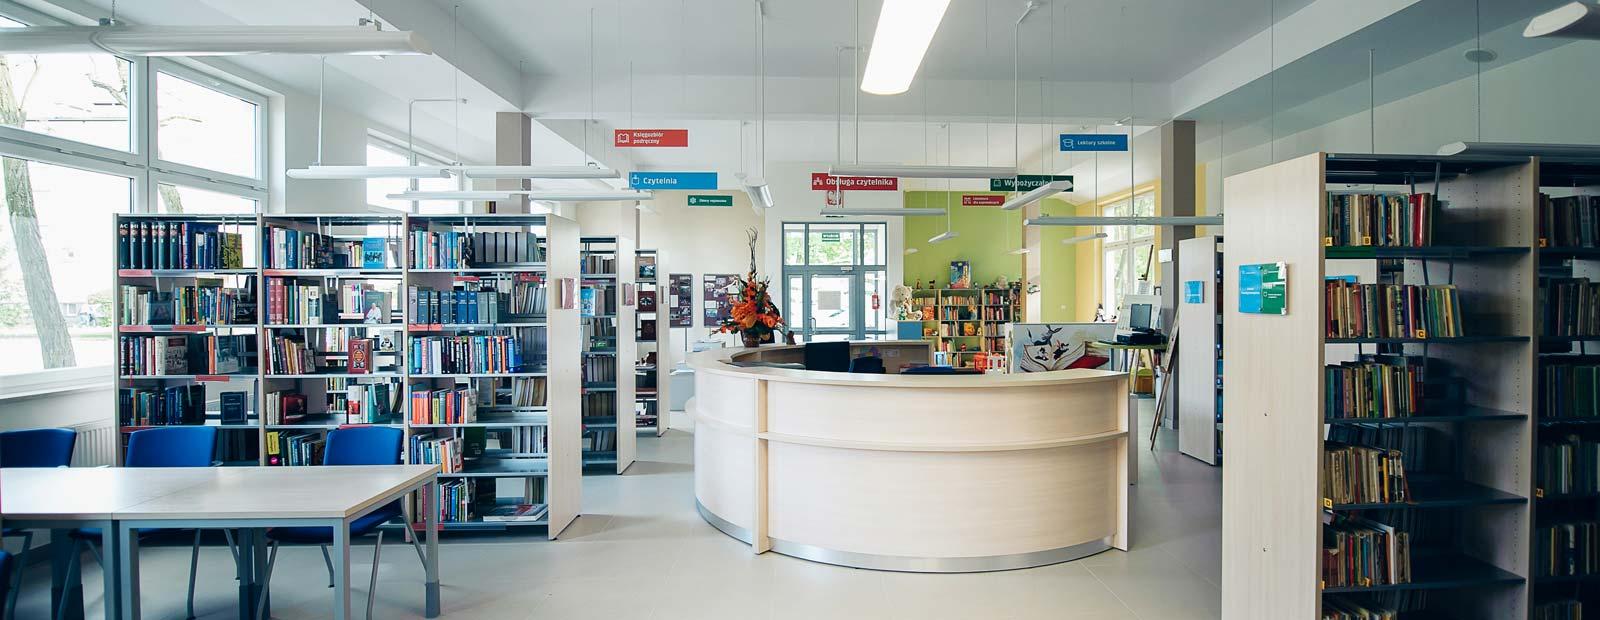 Biblioteka wnetrze